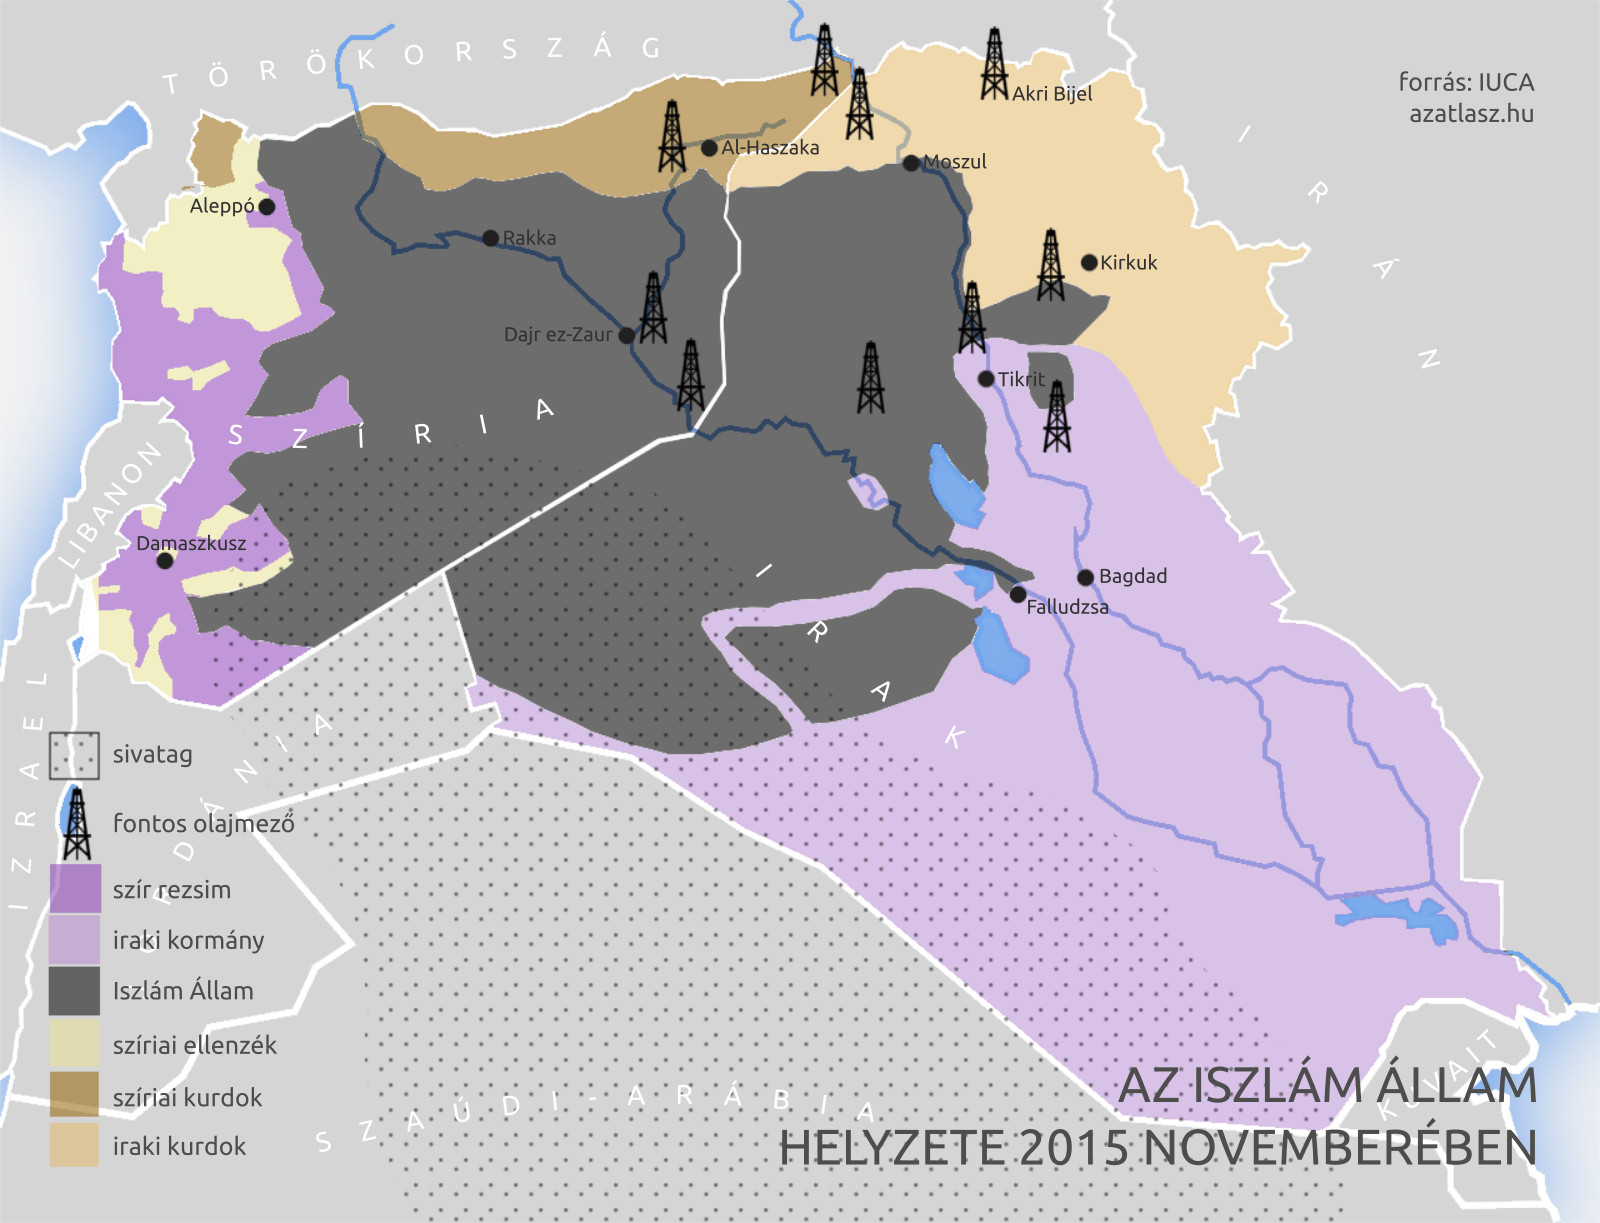 iszlám állam, ISIL, ISIS, terrorszervezet, közel-kelet háború, közel-kelet,, muszlim, iszlám, enigma, tv műsor, térkép